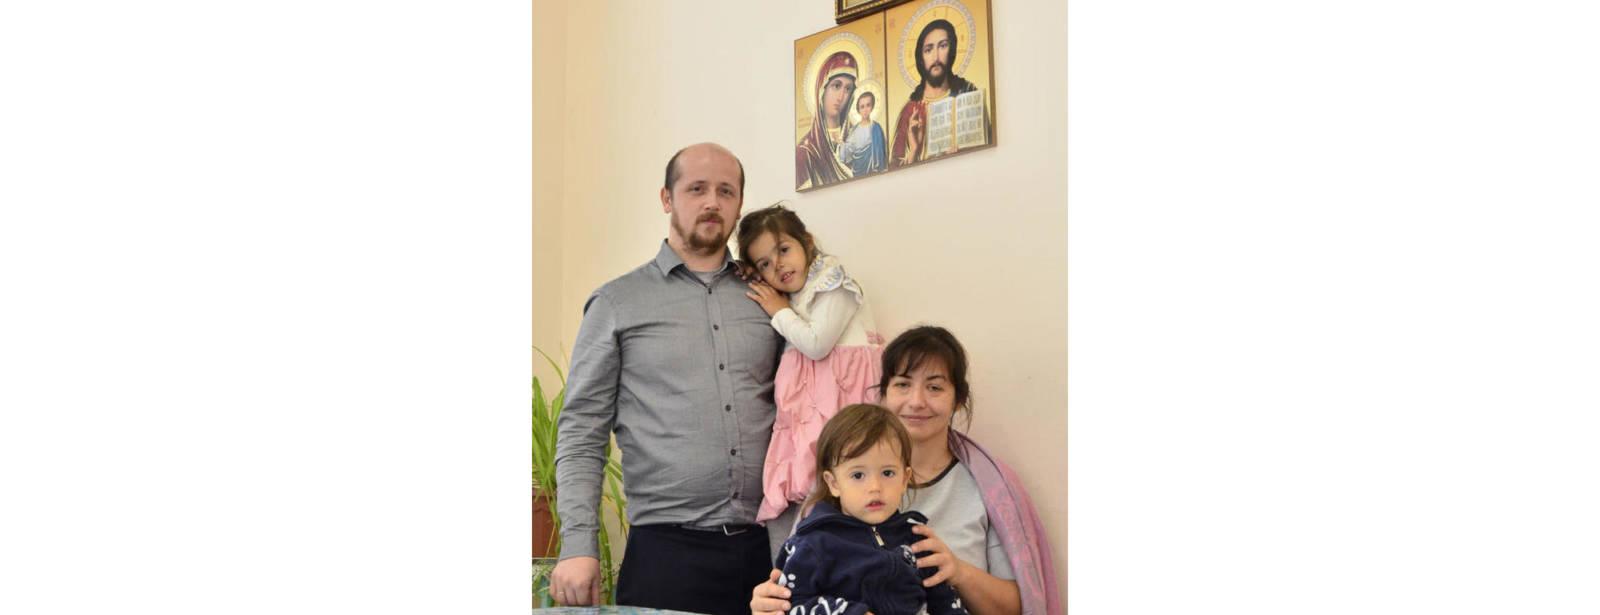 С папой вместе мы семья.